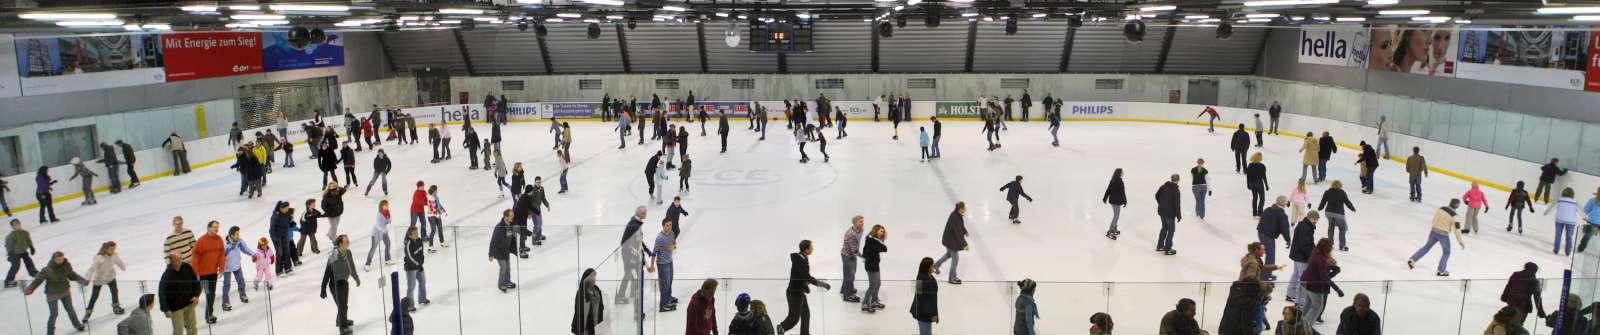 Eishalle Panorama